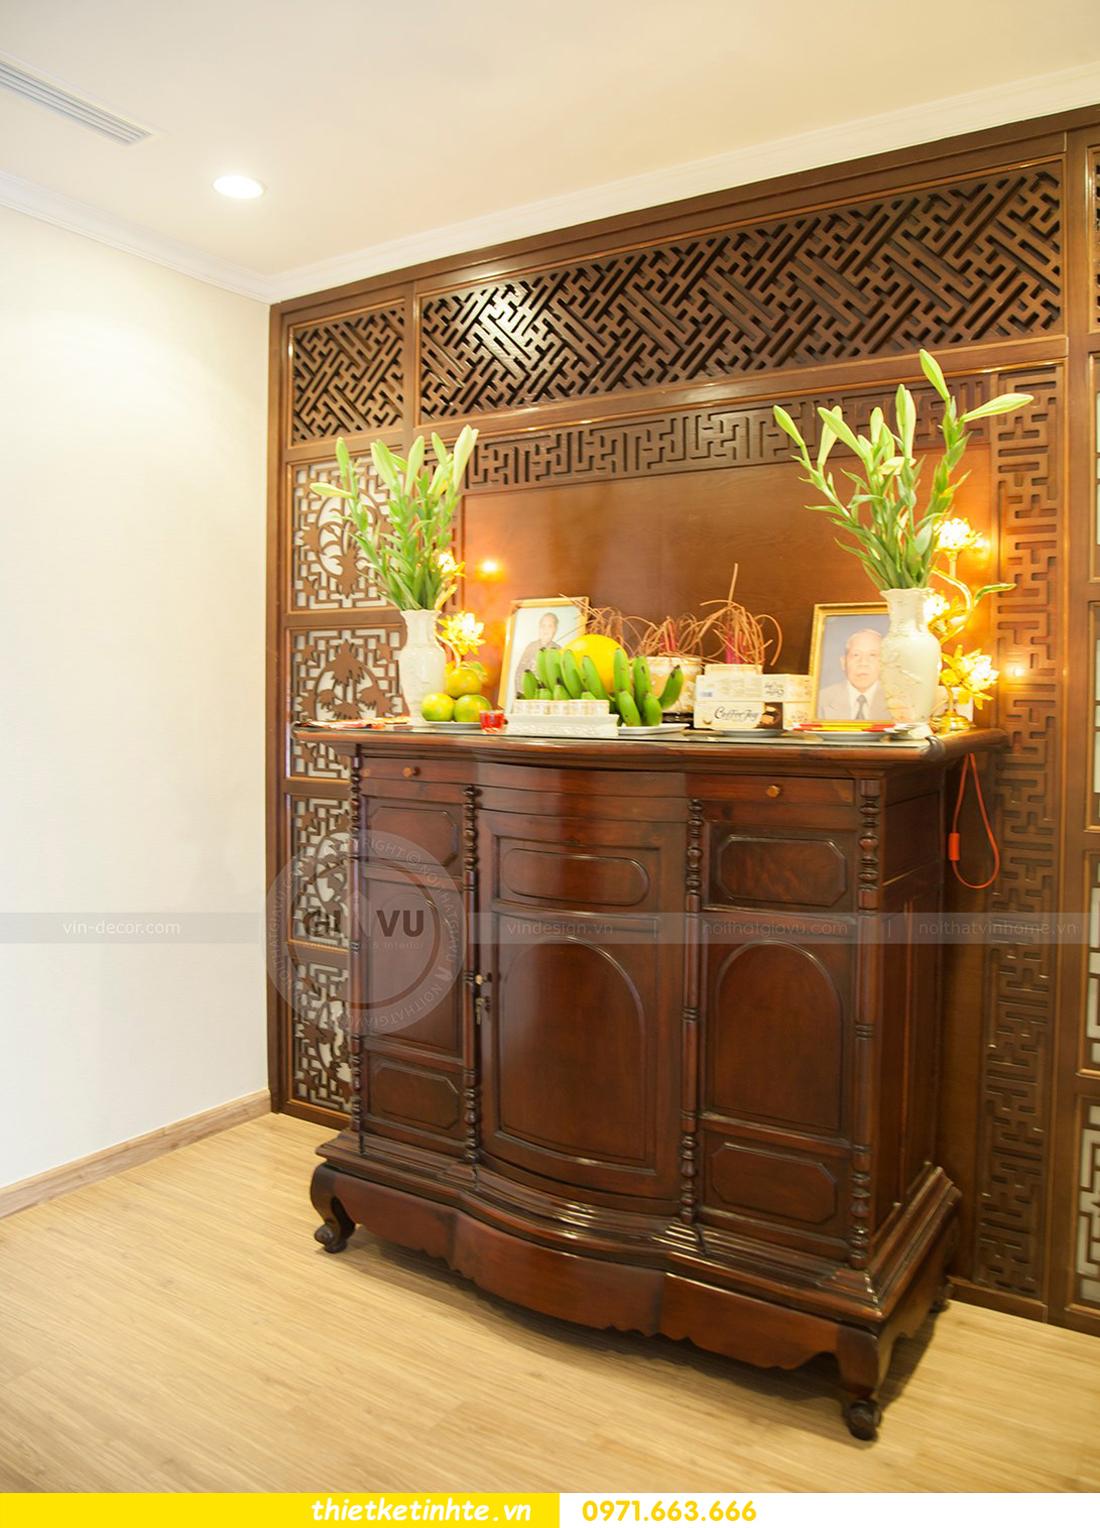 thiết kế hoàn thiện nội thất chung cư Park Hill 2 căn hộ 16 anh Thắng 20